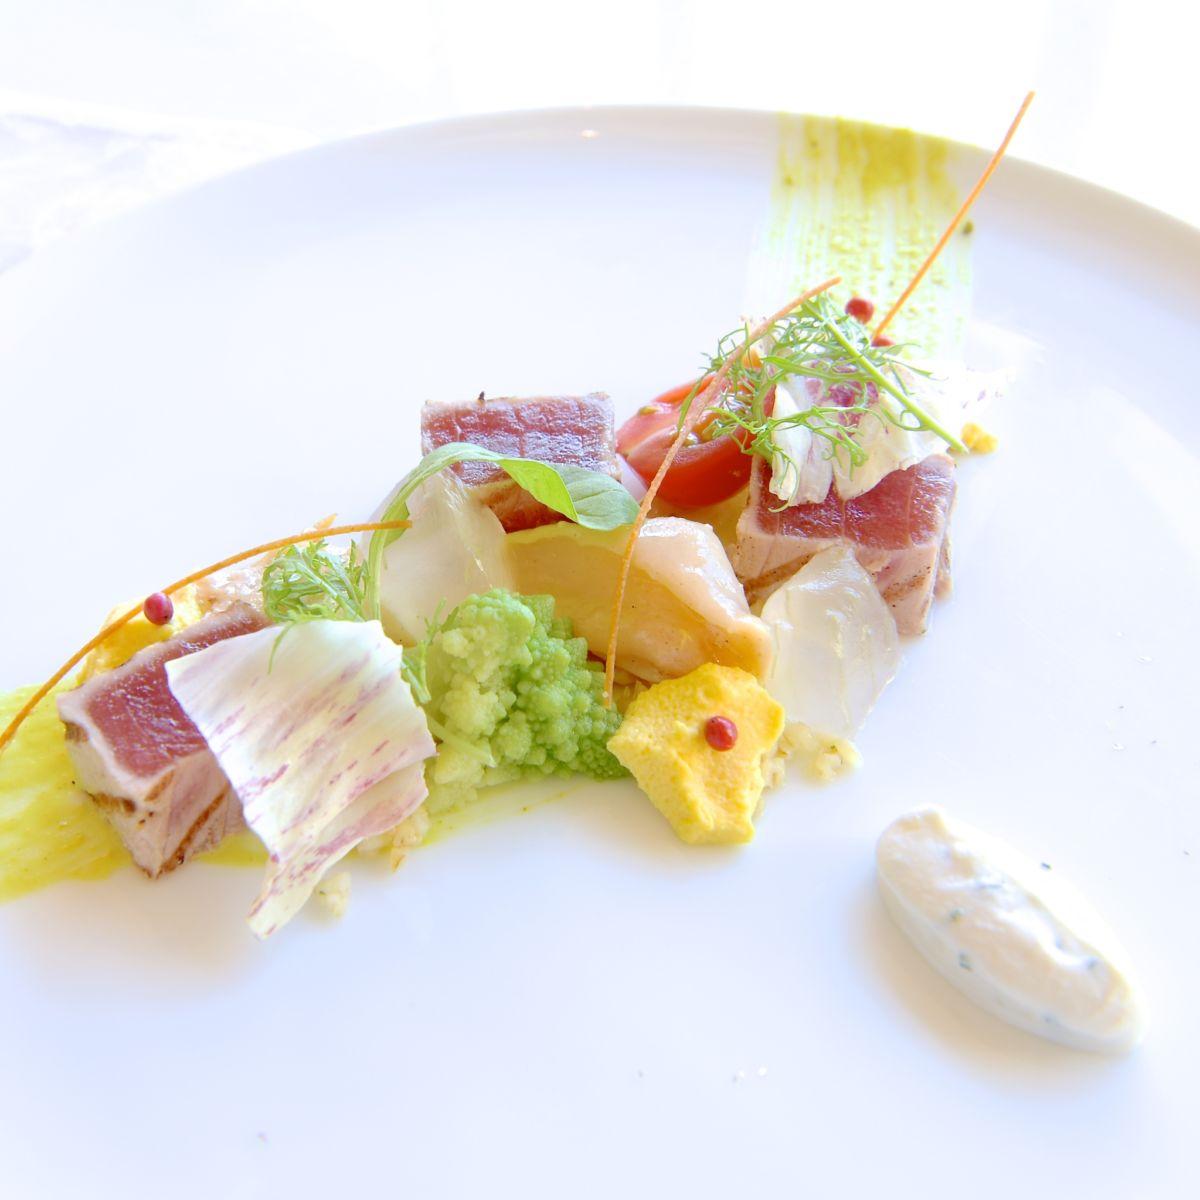 鮪のセミクルードとツブ貝のマリネ リコッタのクレマを添えて アップ